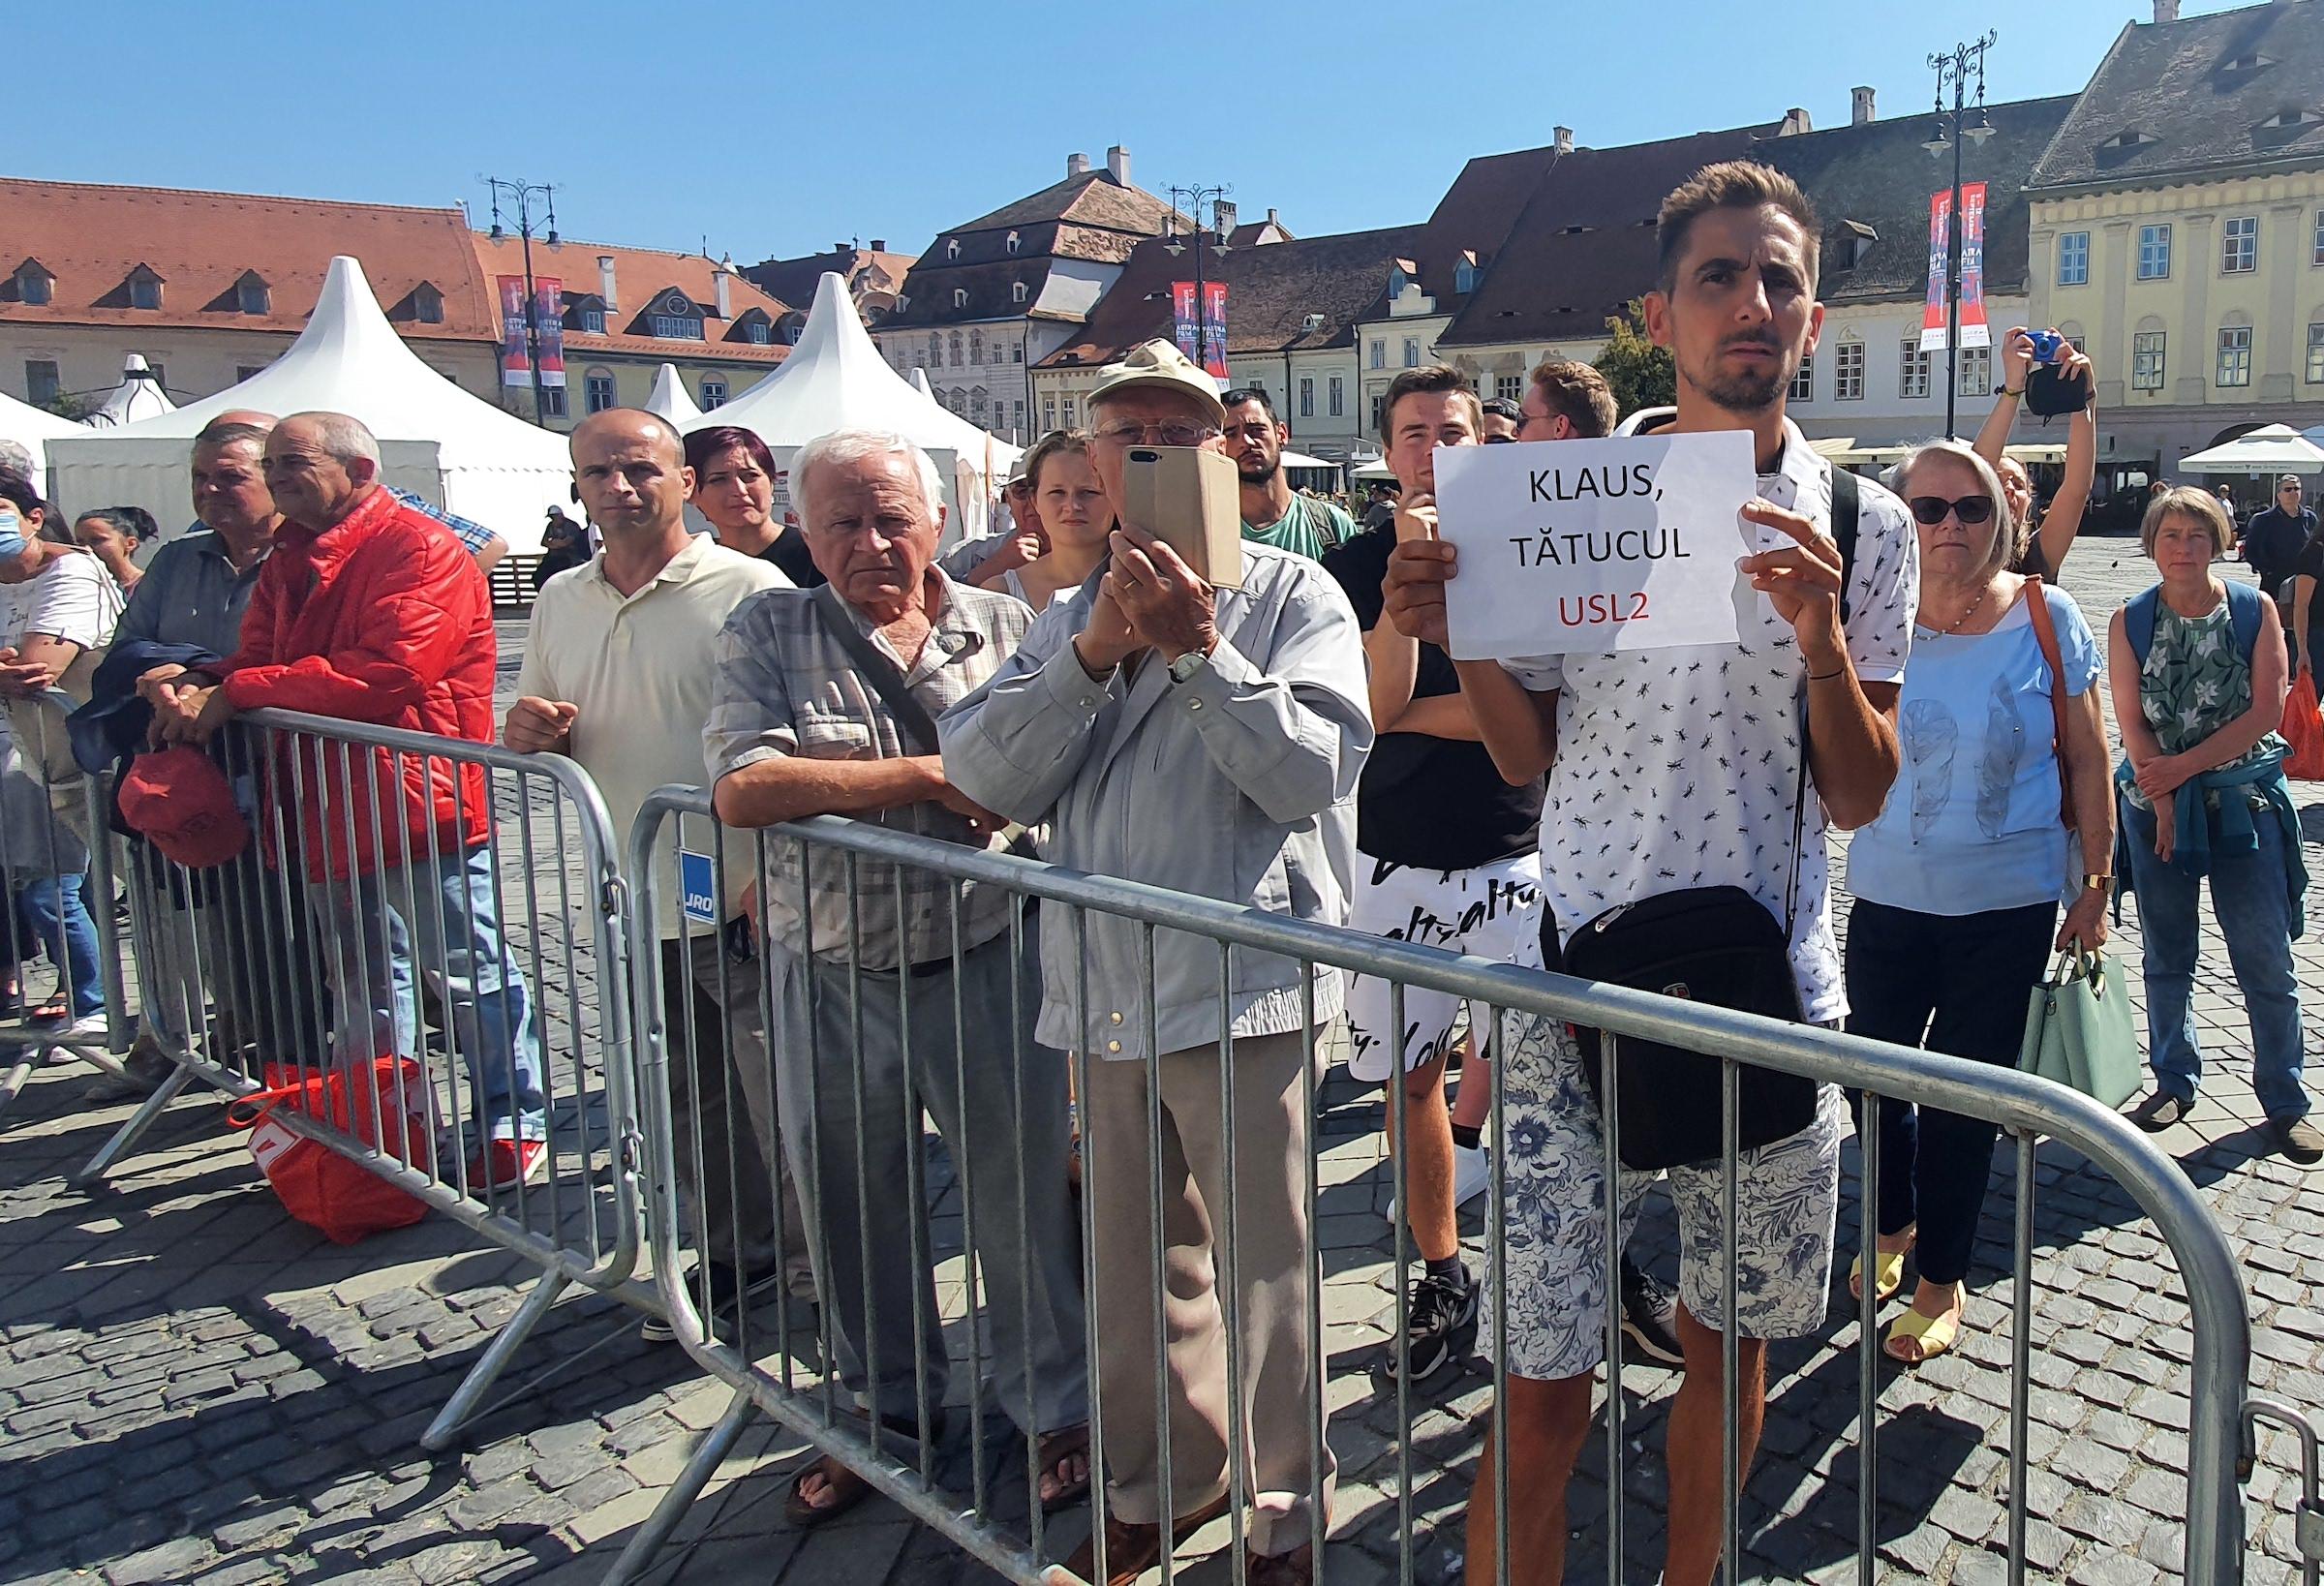 """""""Klaus, tătucul USL2"""". Protest solitar împotriva lui Iohannis, la dezvelirea statuii lui Brukenthal"""